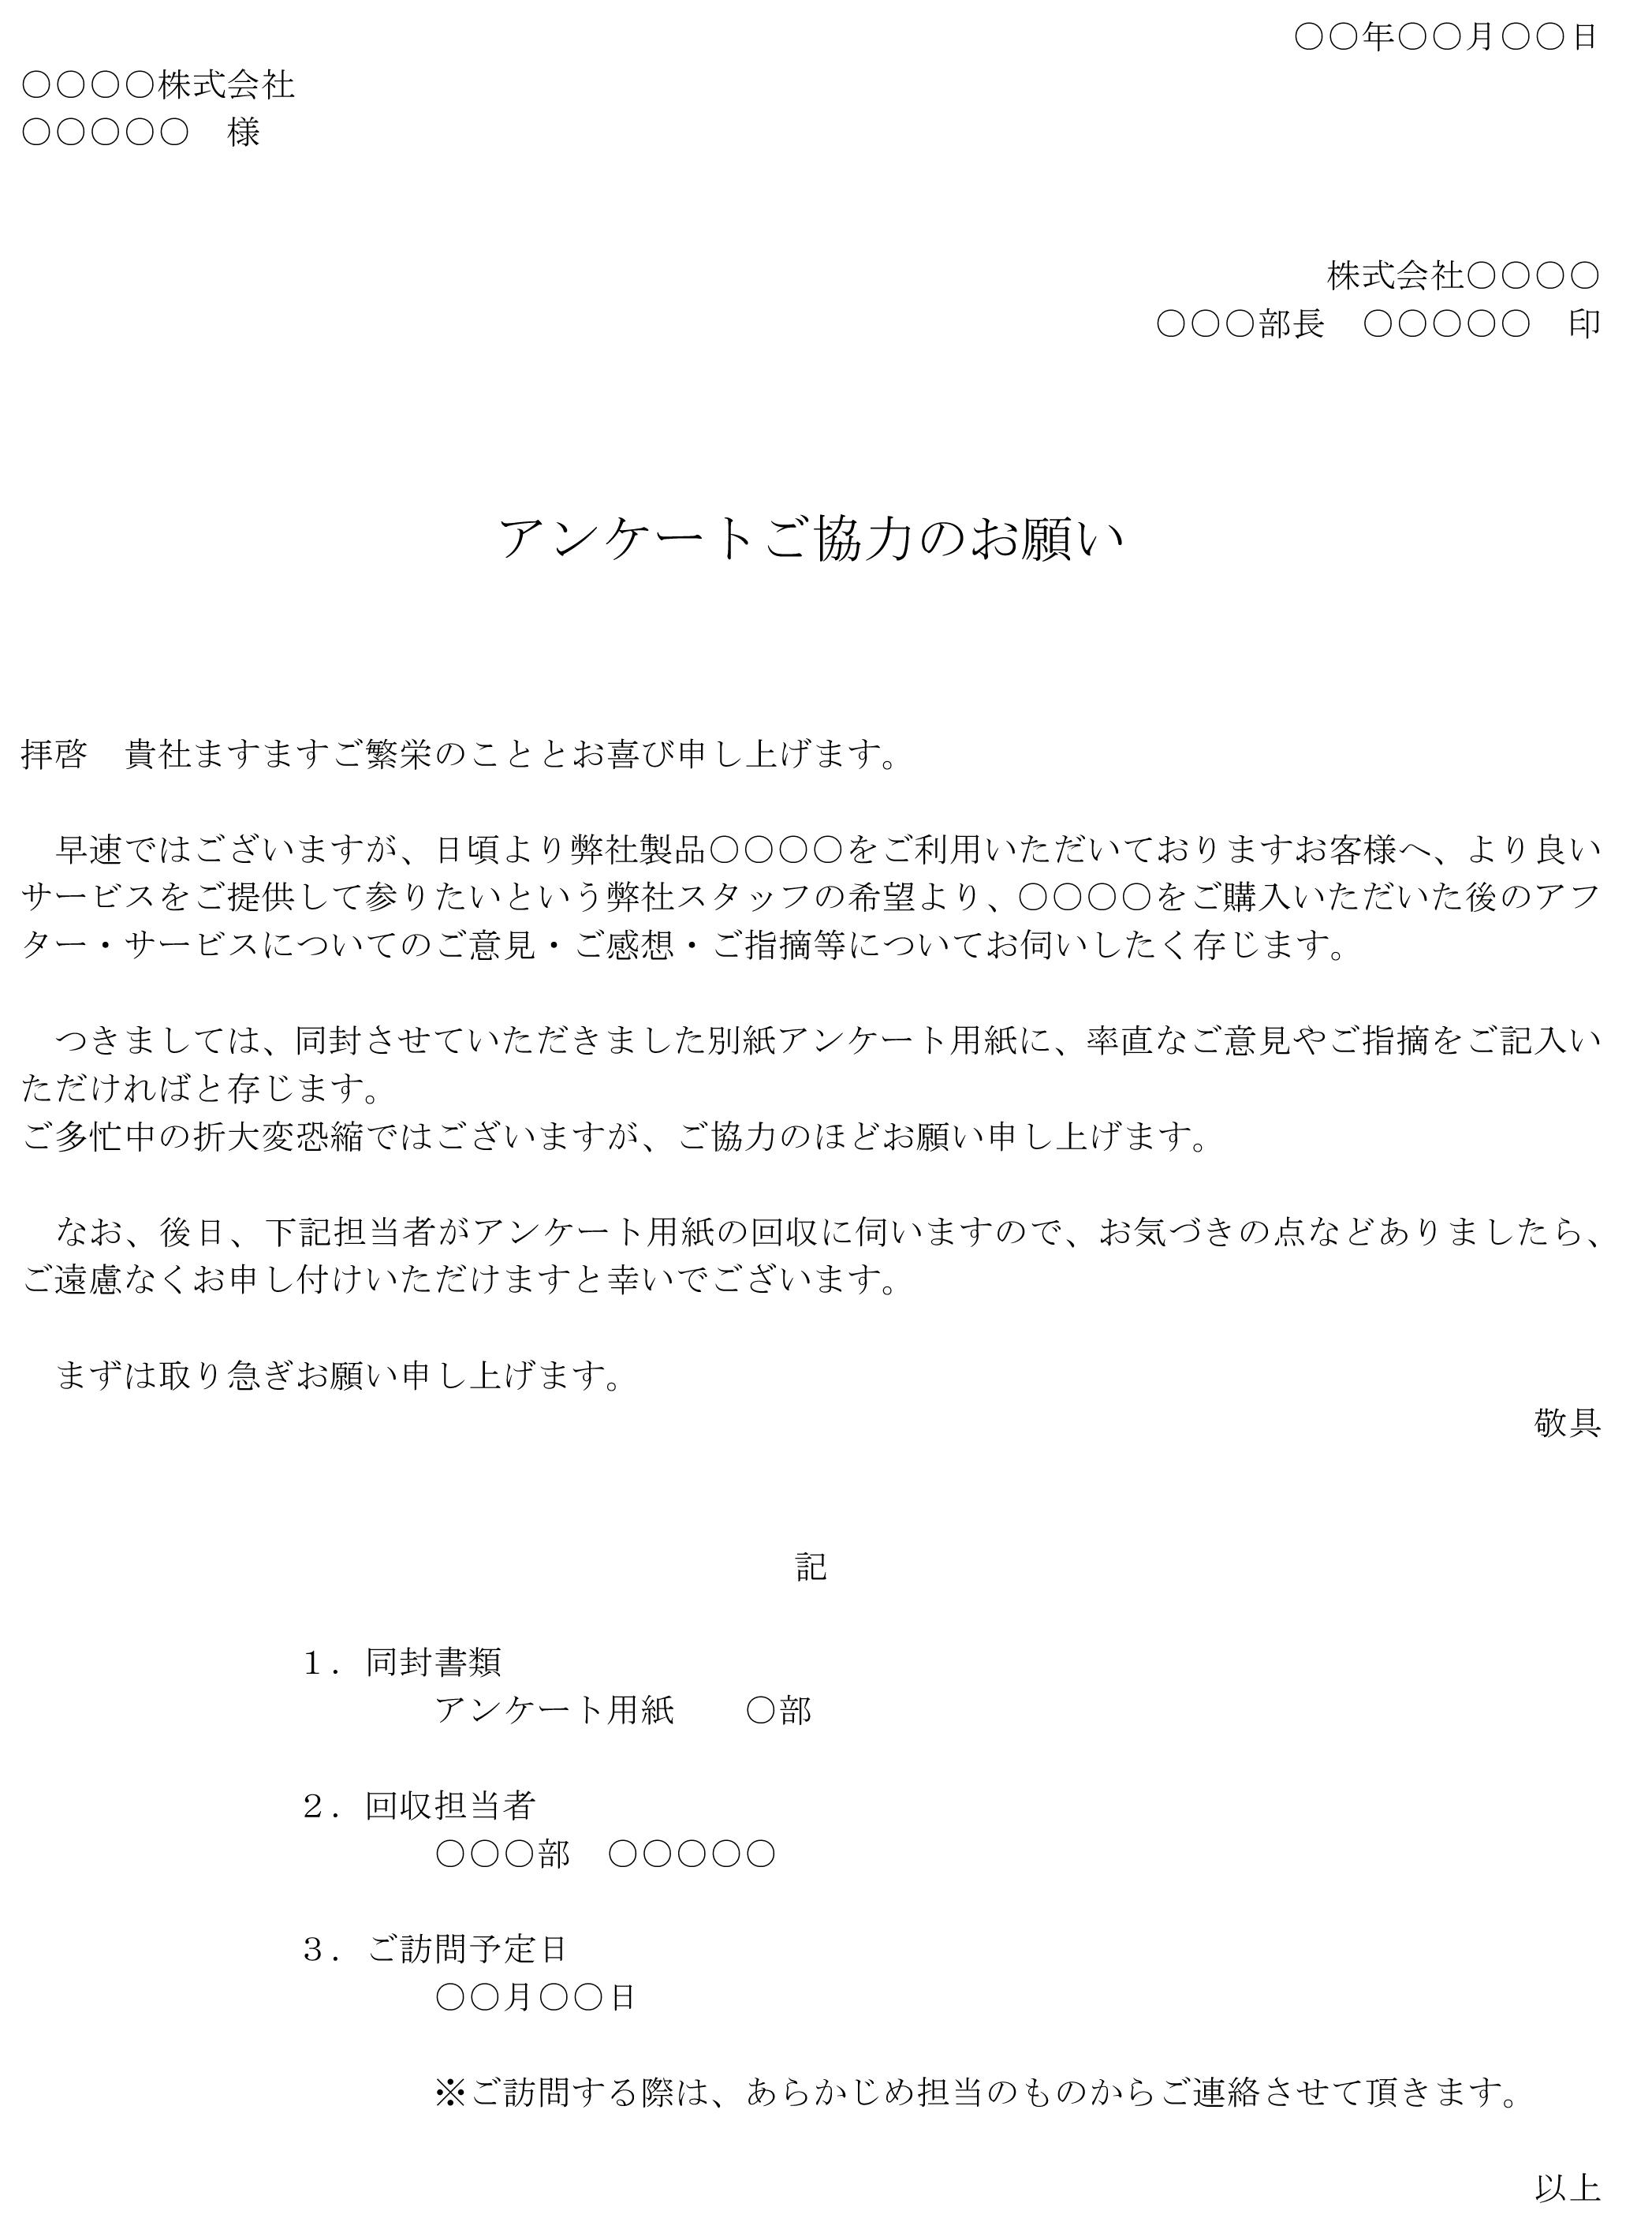 依頼状(アンケート協力)05